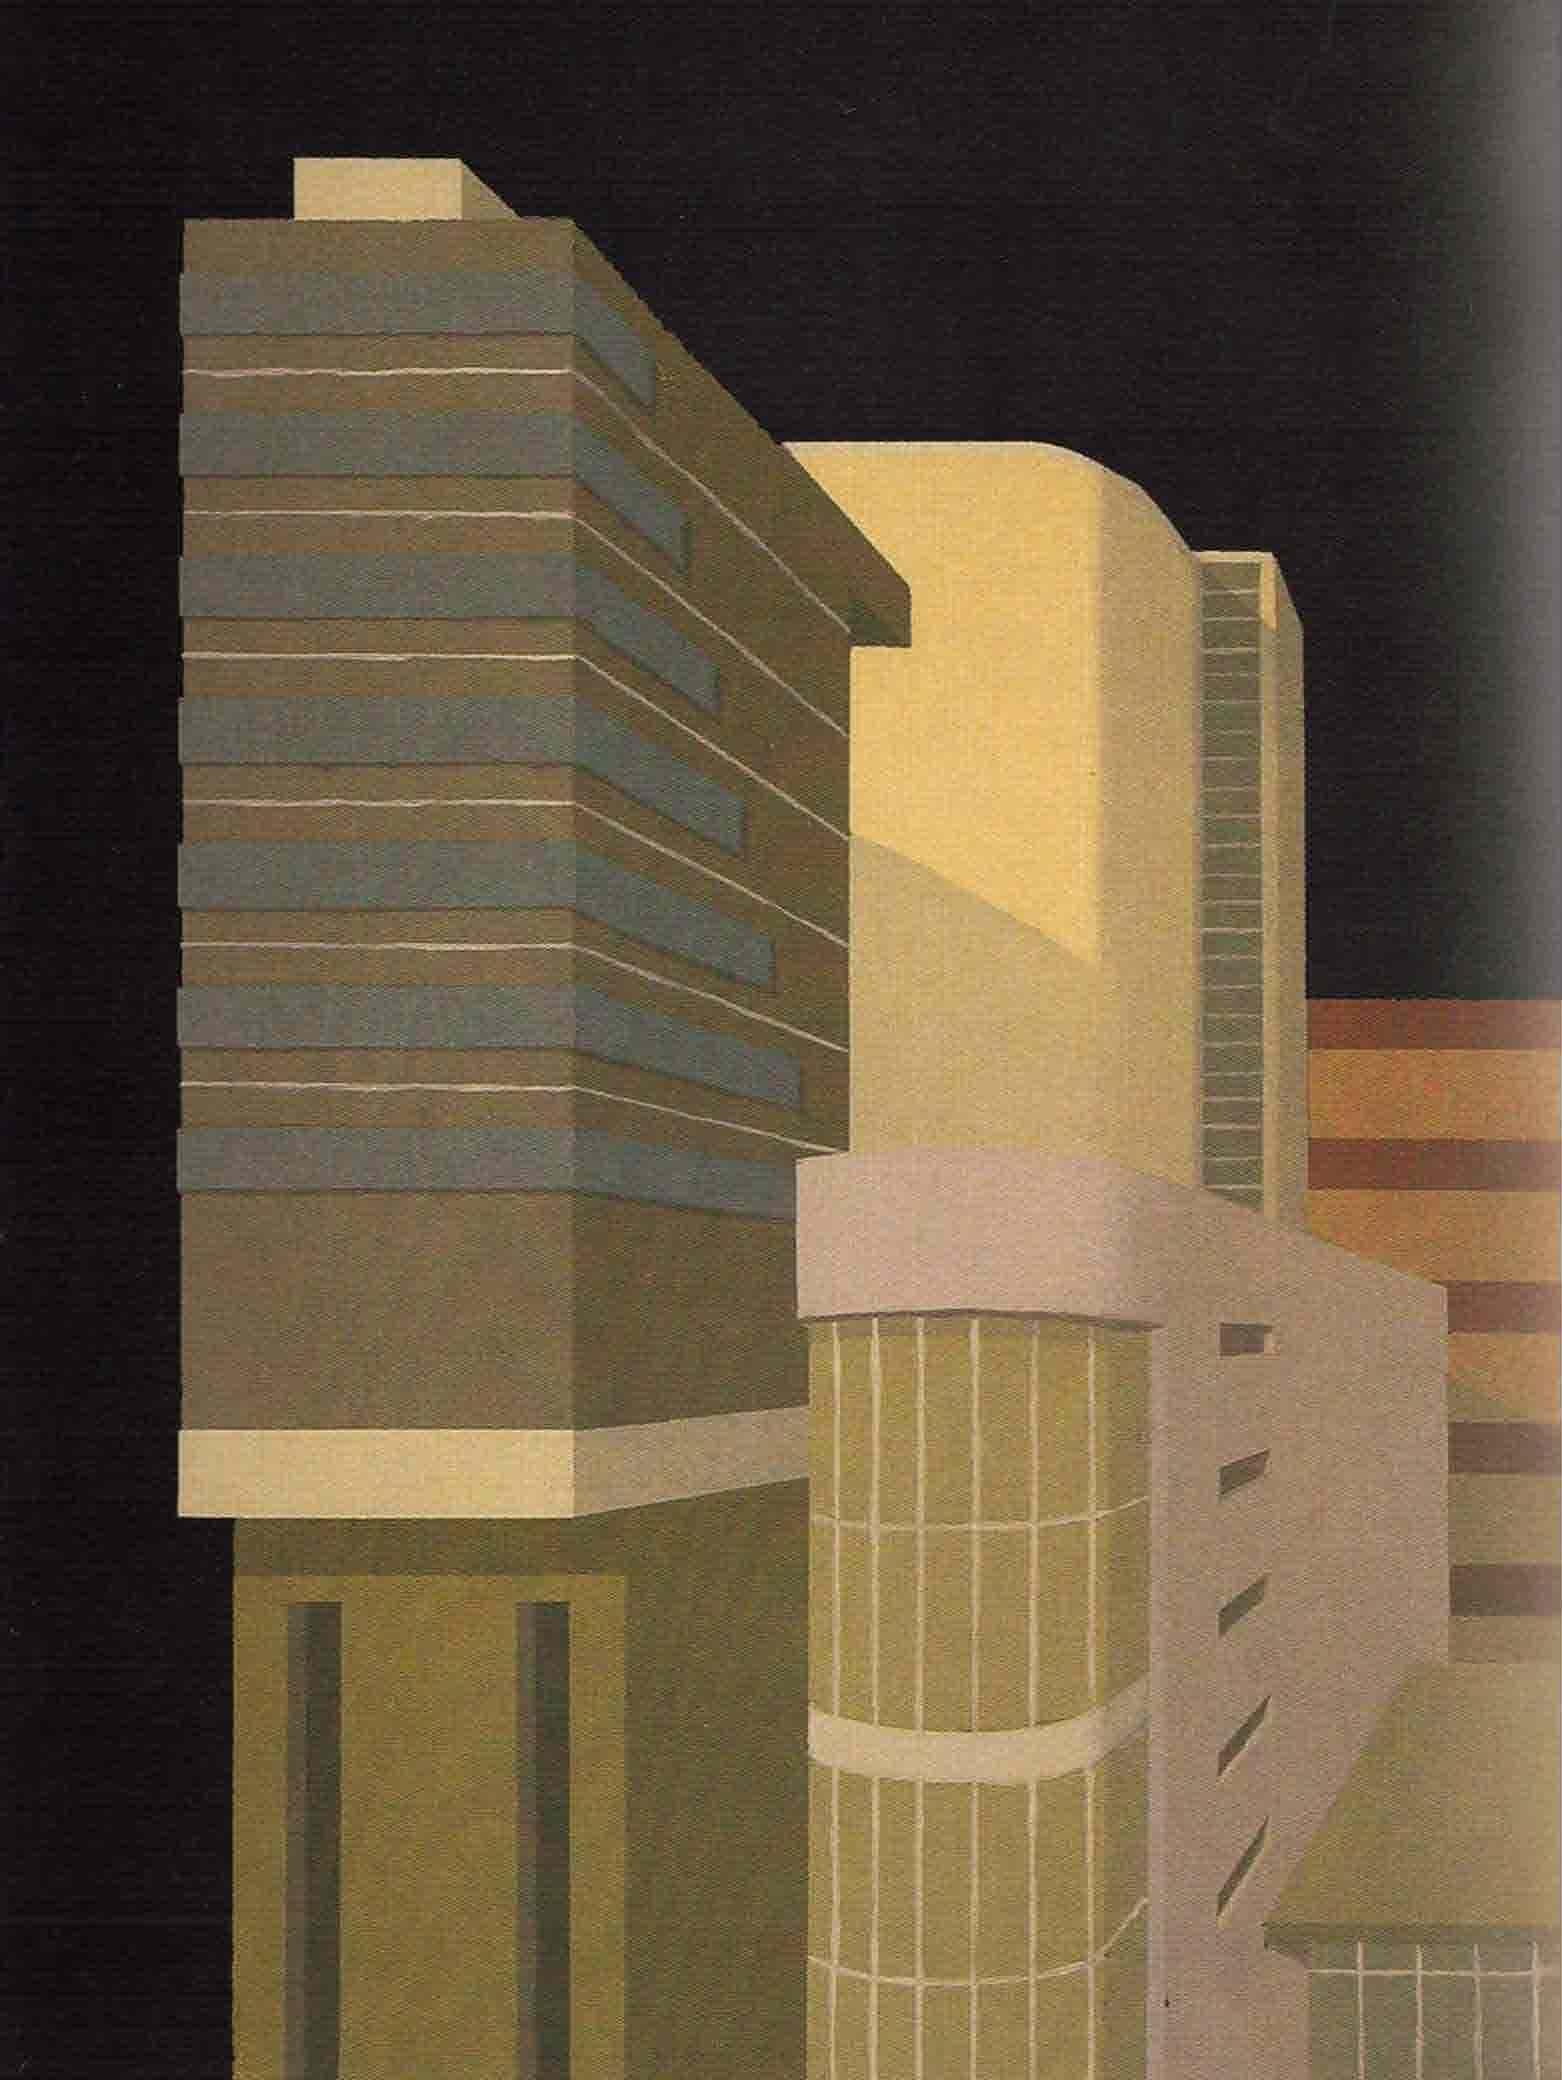 Paolo Fiorentino, Irrazionalismo urbano. Immagini, 2006